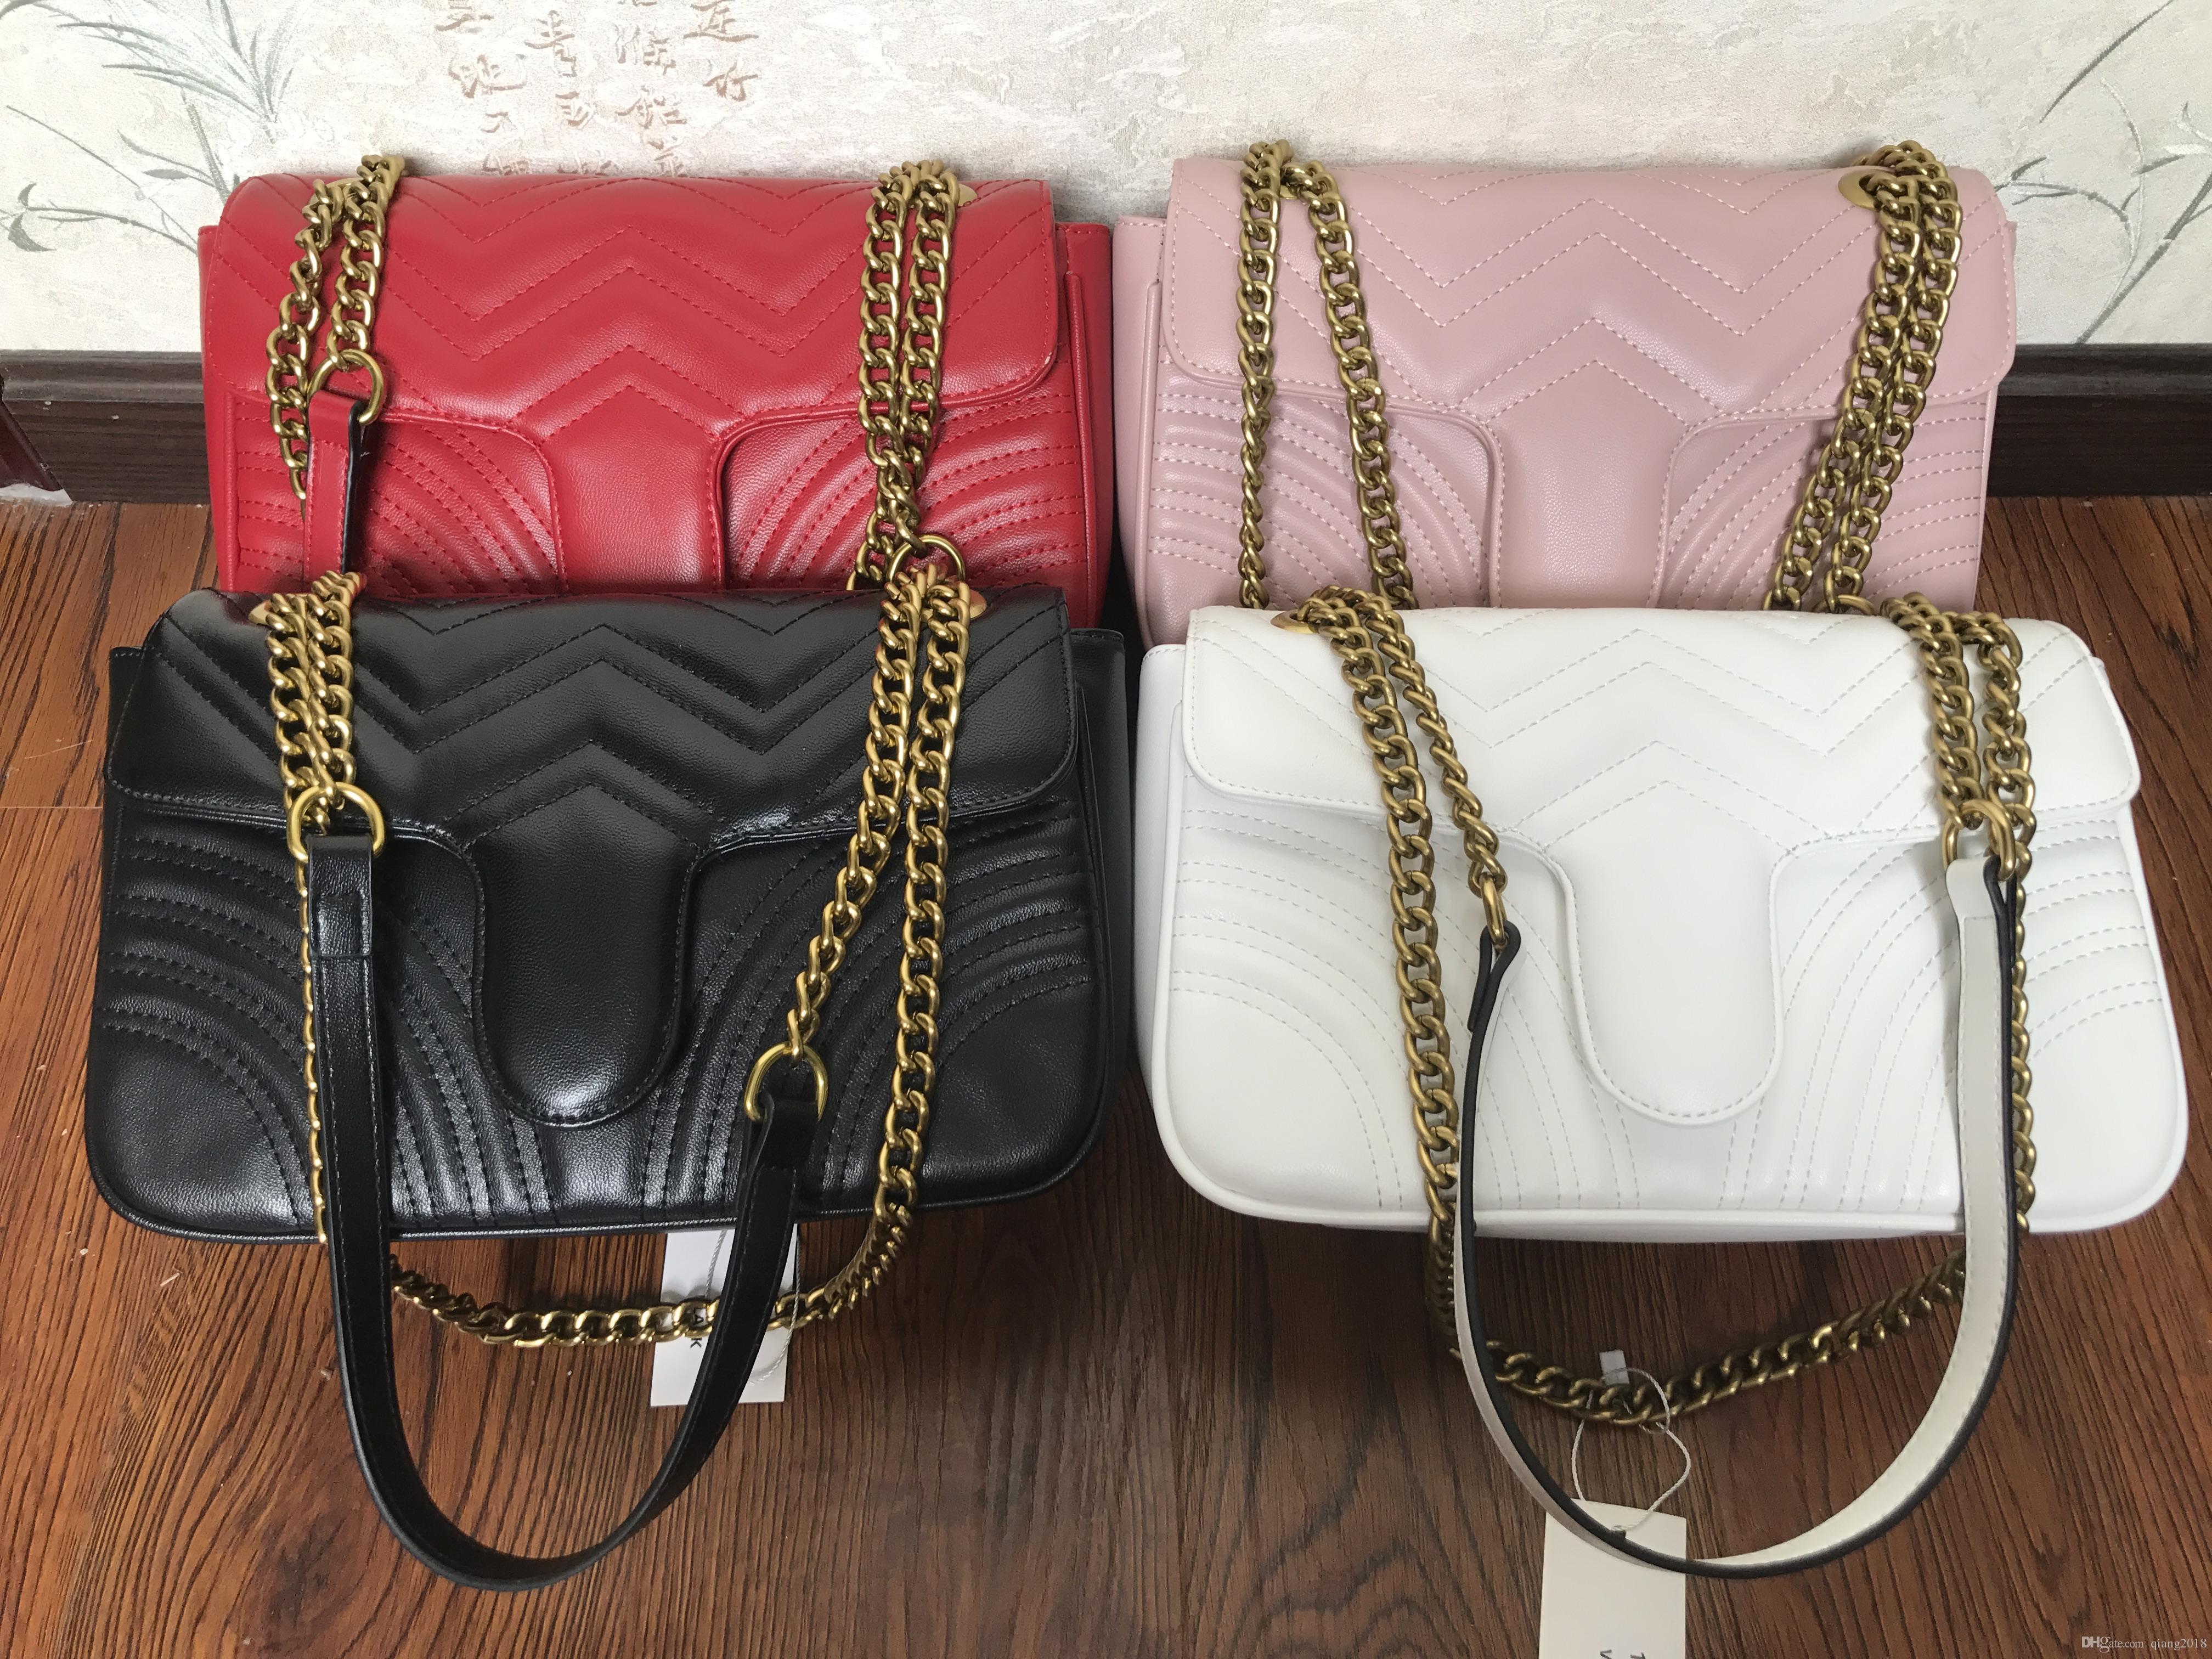 Moda Mujeres Bolsos de hombro Cuero Classic Heart Style Gold Cadena New Women Bag Bols Bags Messenger Bolsos